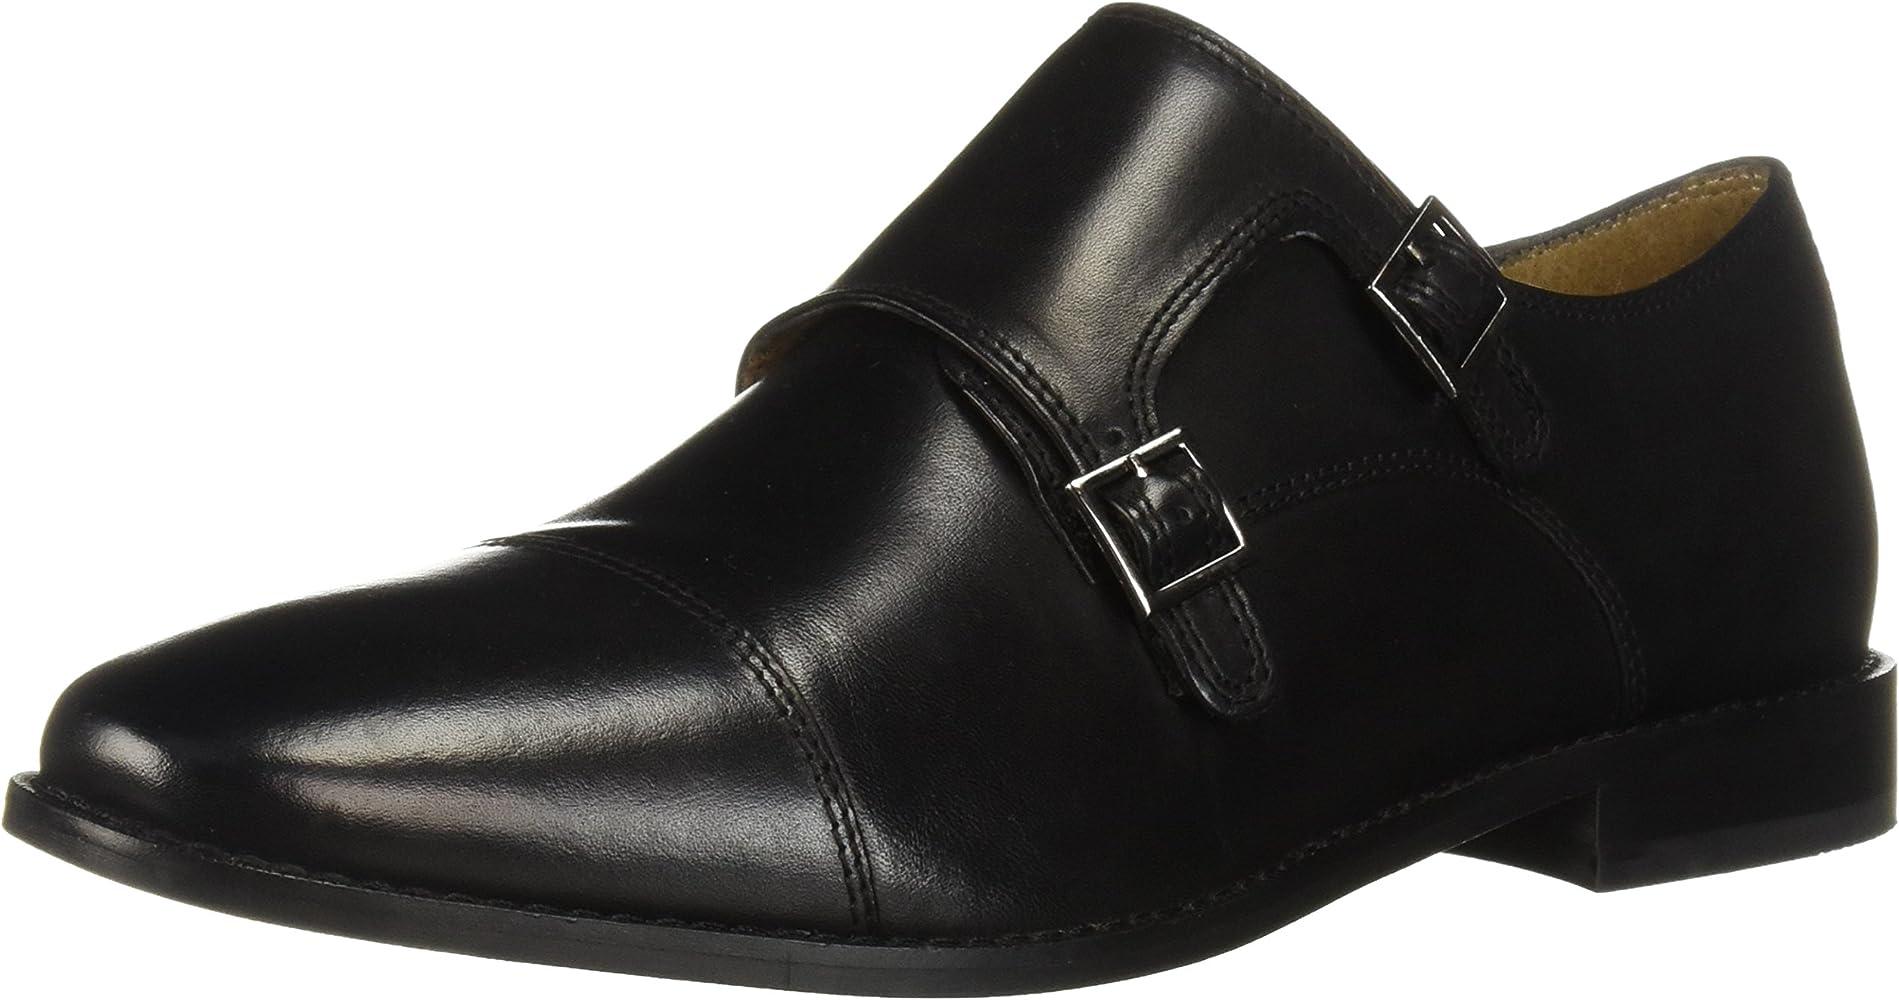 Details about  /shoes men HERMAN /& SONS elegant burgundy leather BK967